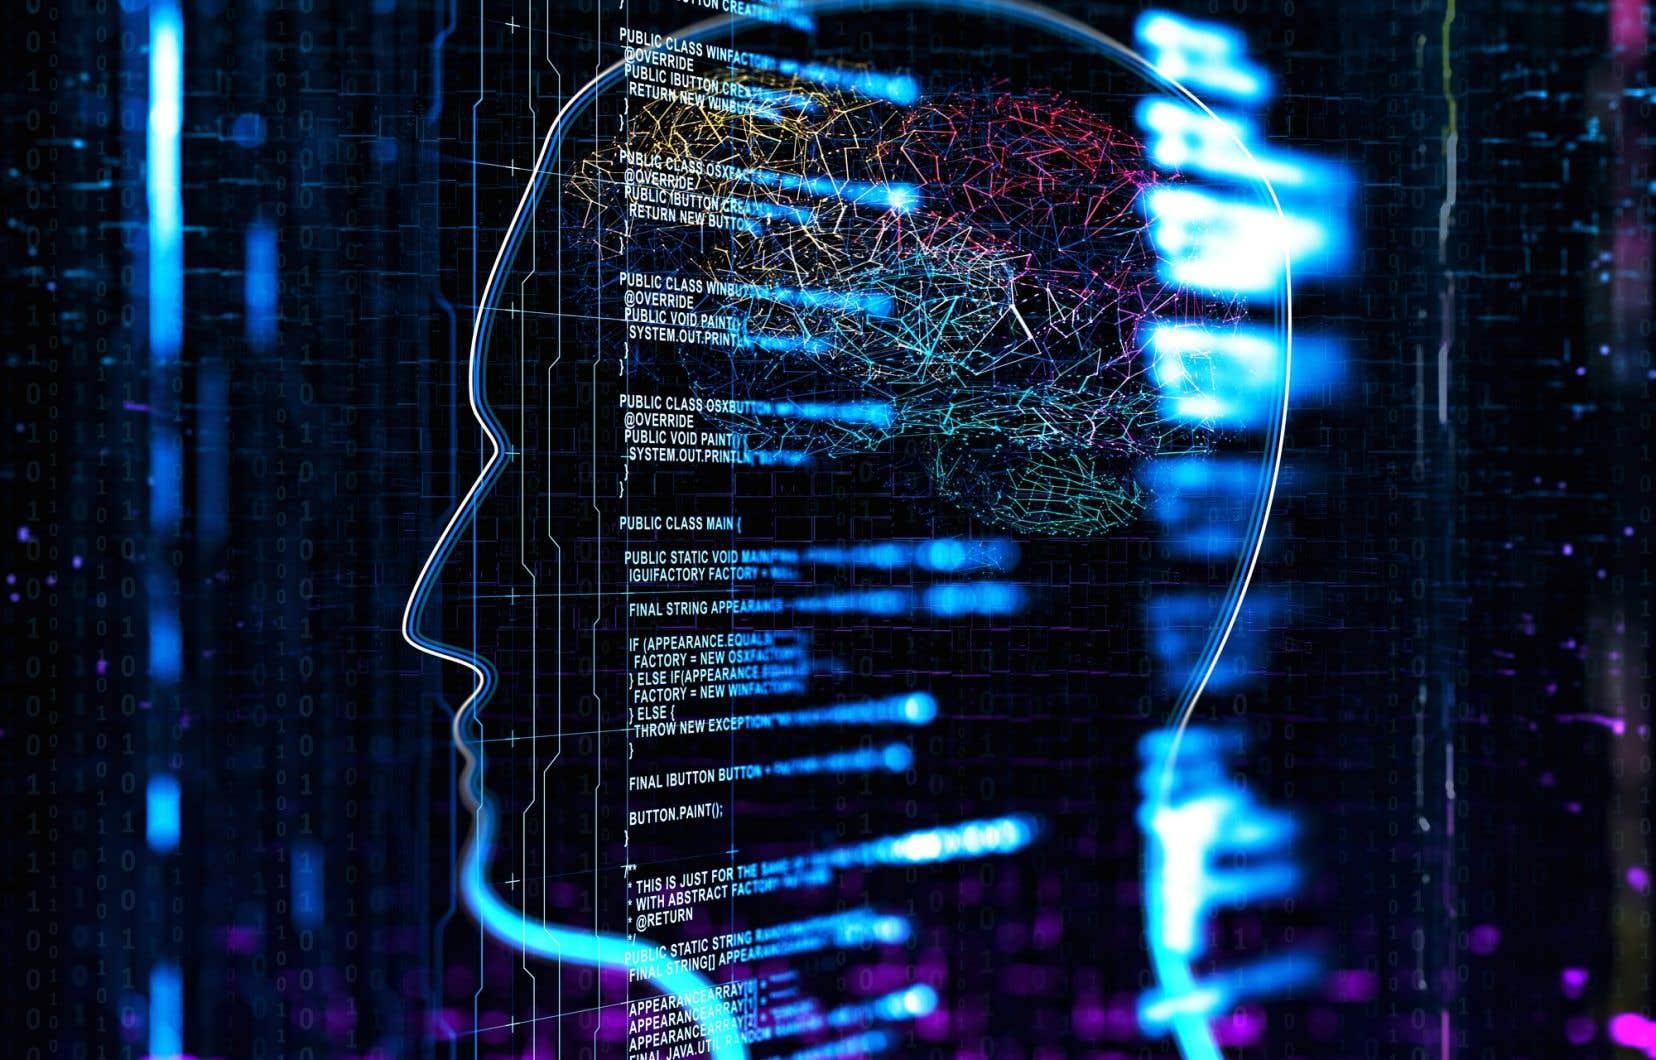 Desexperts appellent les gouvernements et les différents acteurs concernés à mettre en place des parades pour limiter les menaces potentielles liées à l'IA.